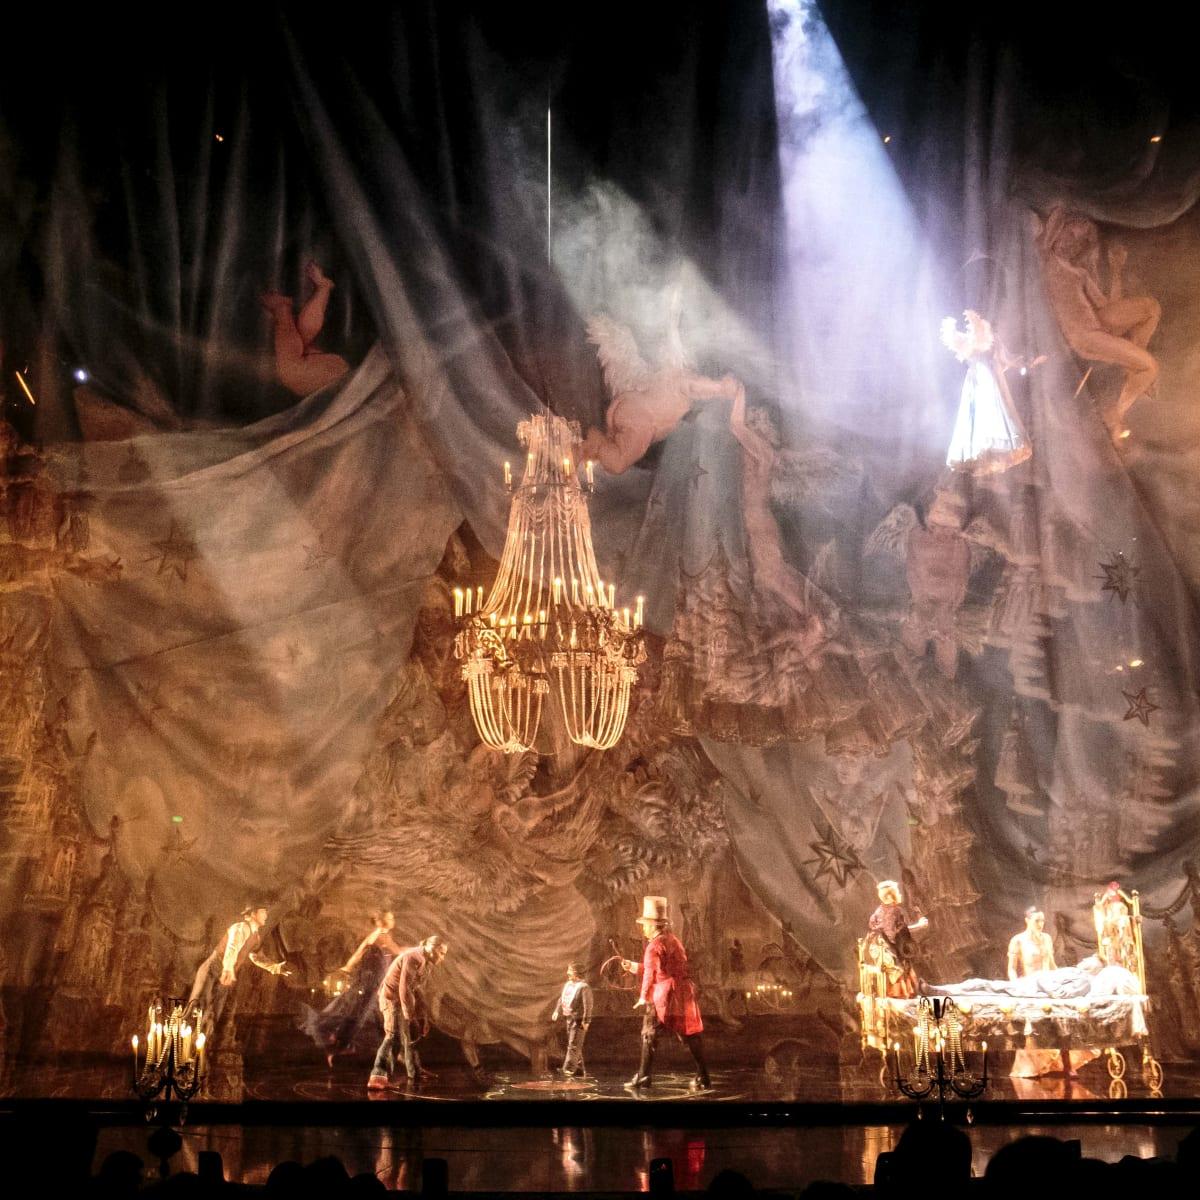 Cirque du Soleil - Corteo - opening act